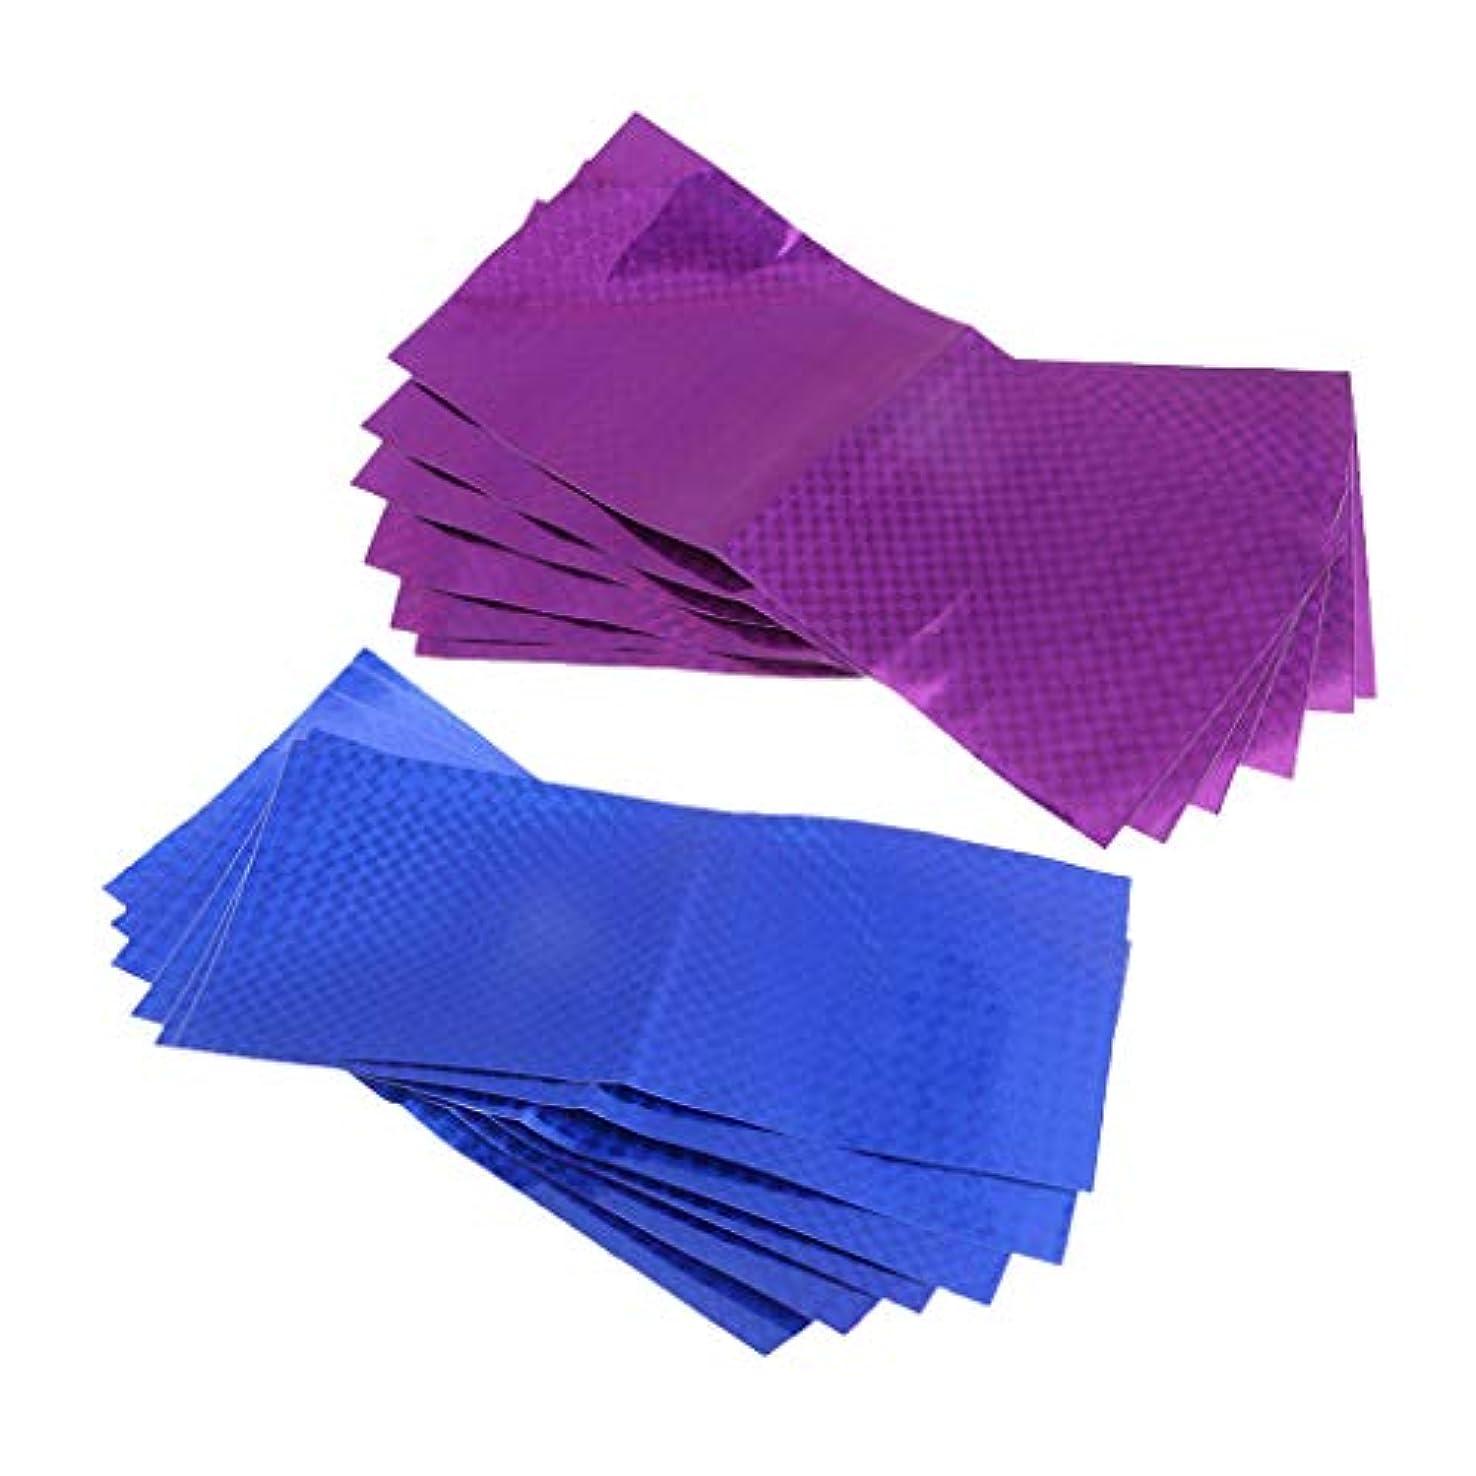 初心者くしゃくしゃショートカットB Blesiya 12枚入 釣りルアー作り フラッシュテープ 反射テープ 装飾 修理 ブルー&パープル